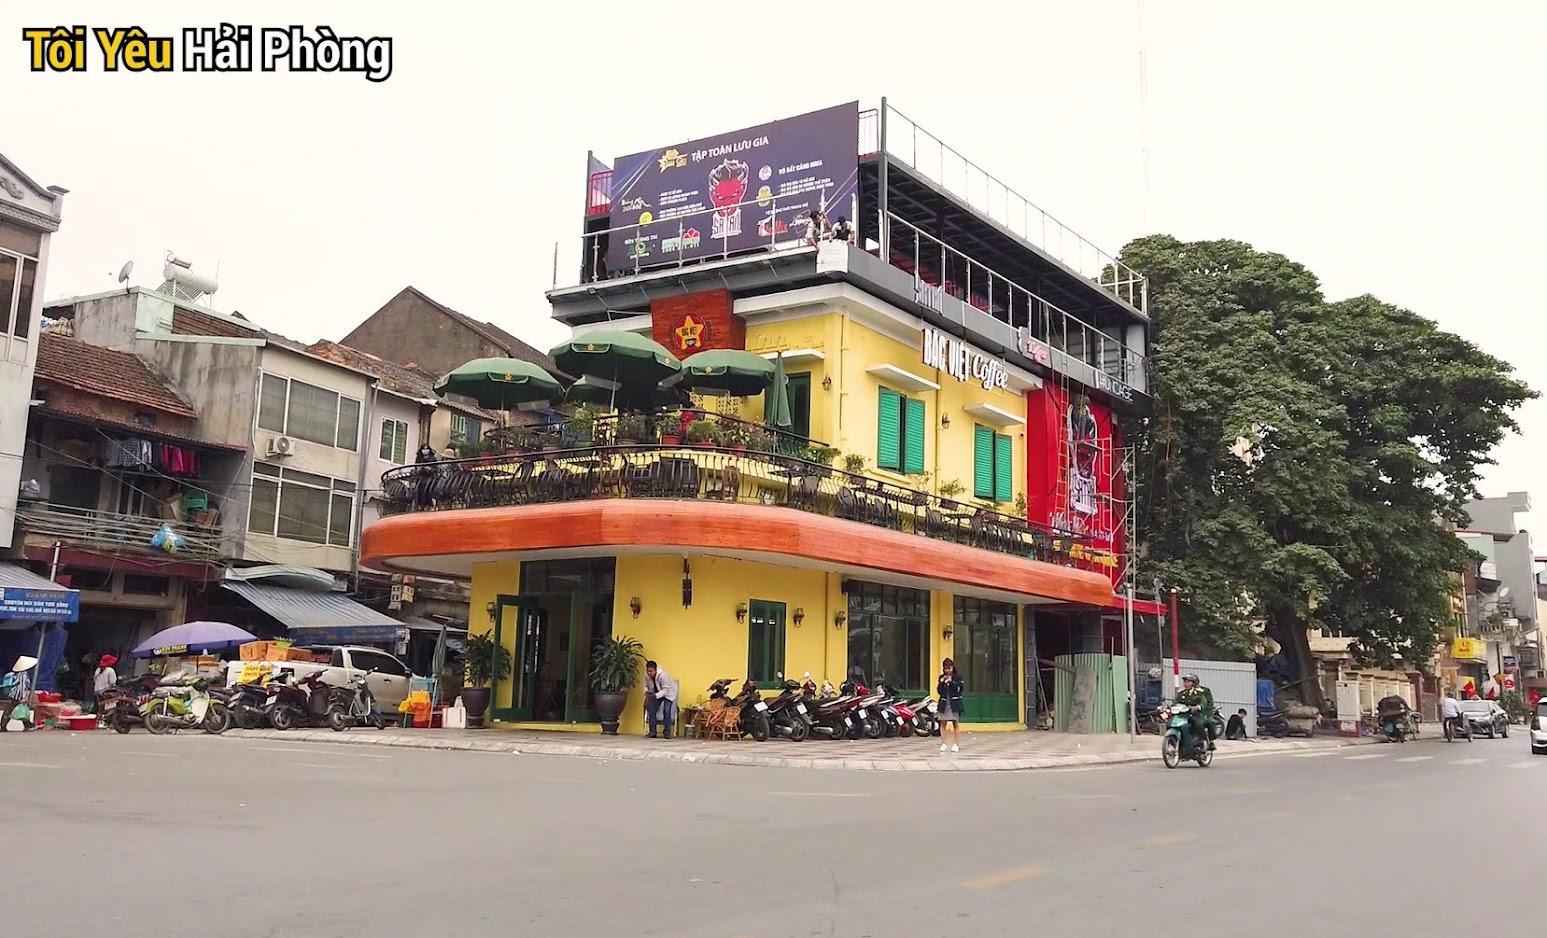 Cà phê view đẹp Bắc Việt phố đi bộ Tam Bạc ở Hải Phòng 2